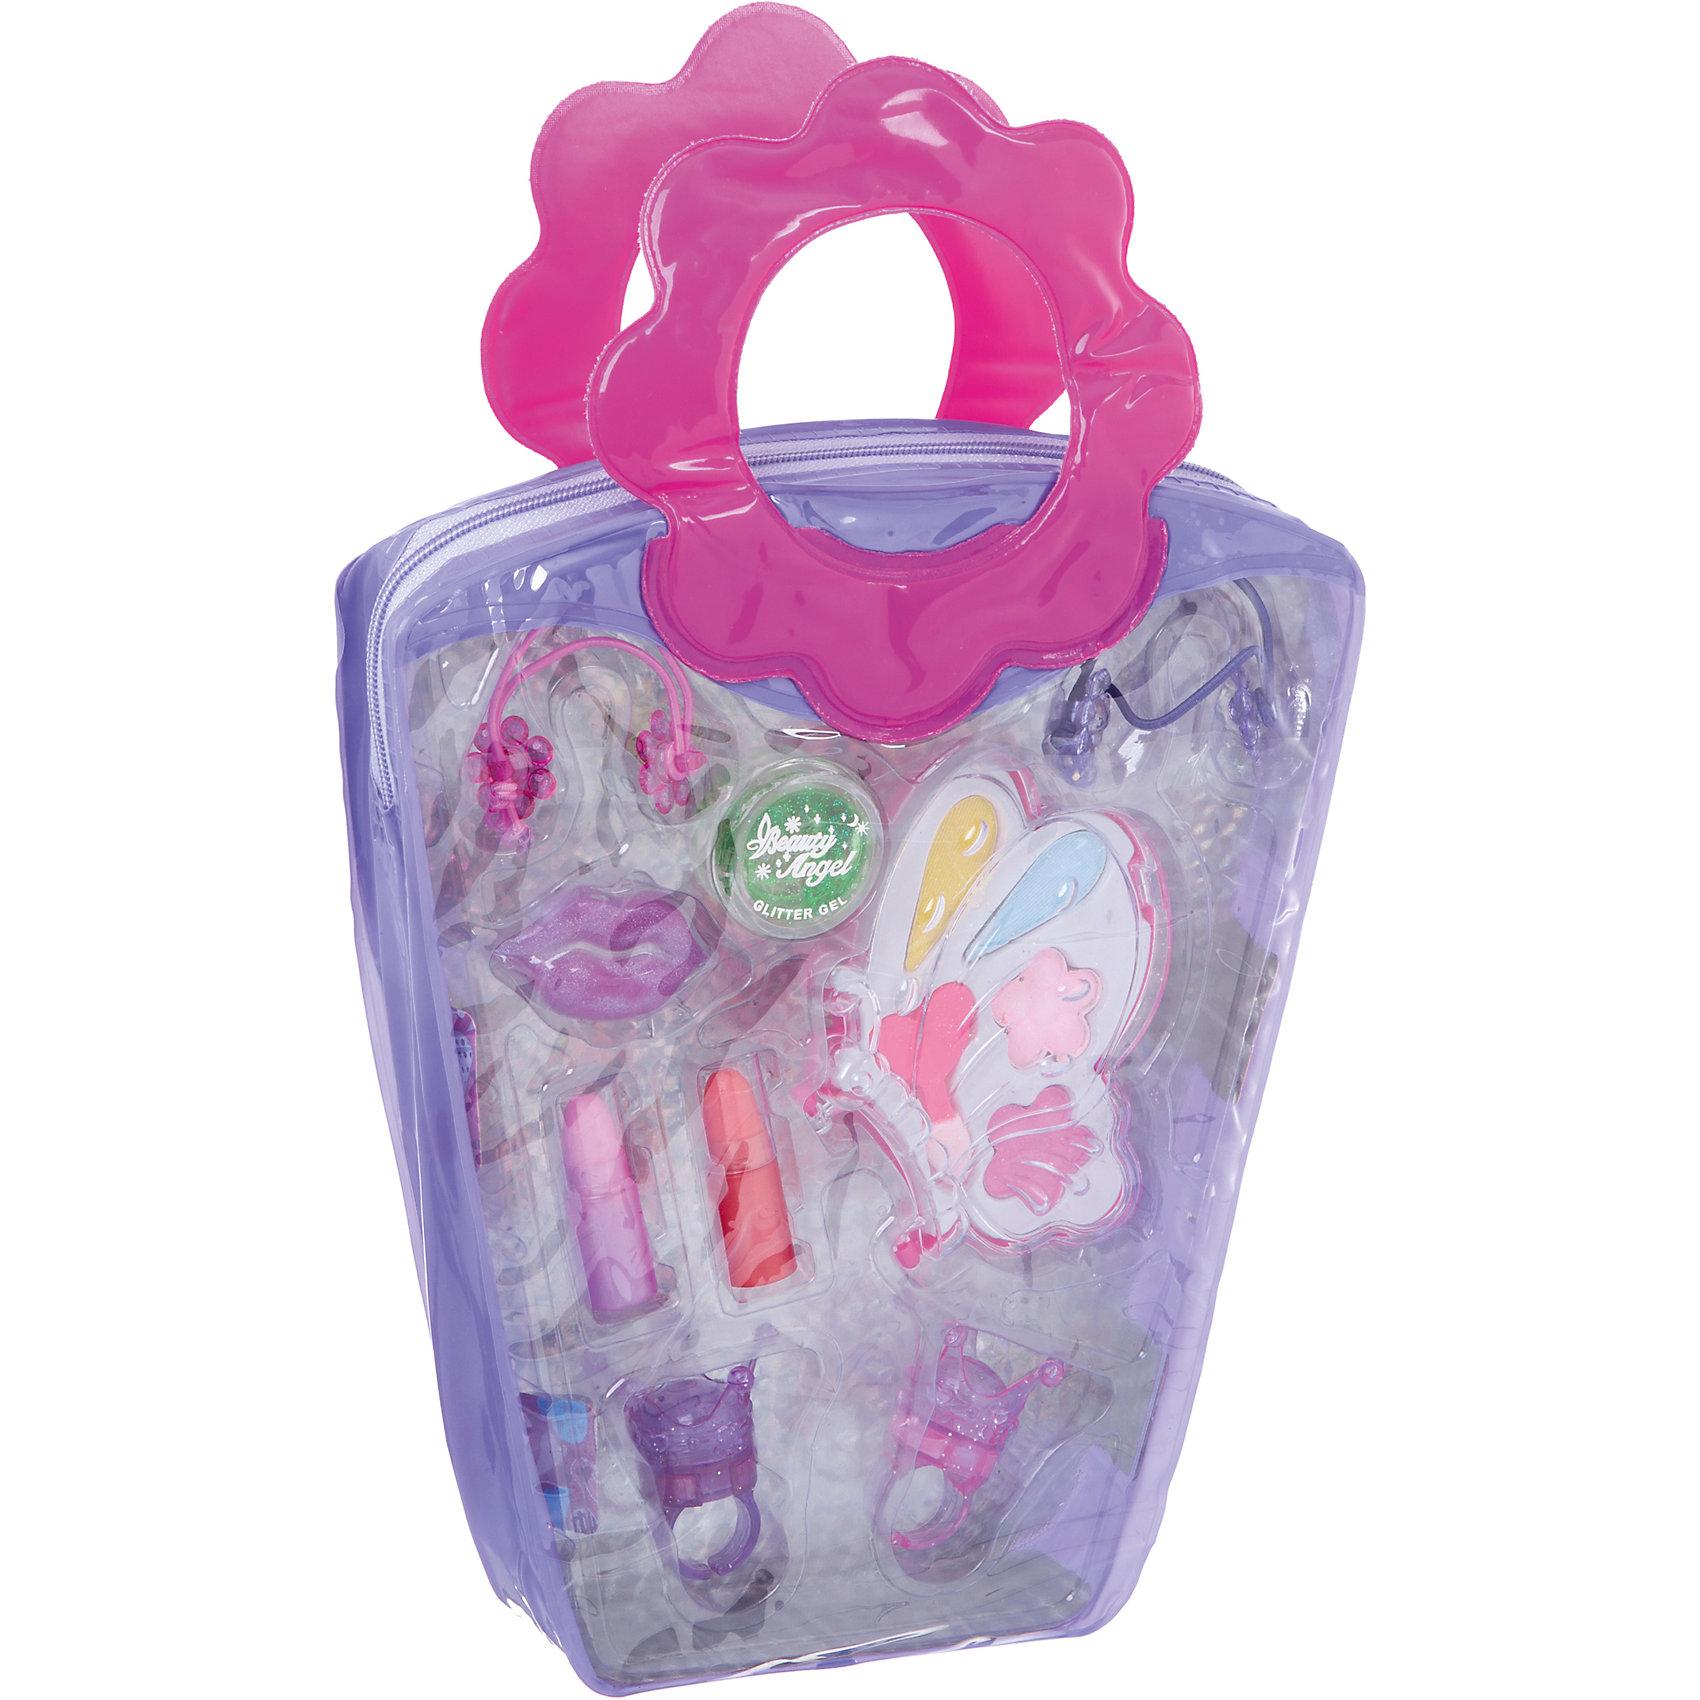 Детская декоративная косметика Сумочка-косметичка Eva Moda (тени для век)Косметика, грим и парфюмерия<br>Характеристики товара:<br><br>• материал: косметические ингредиенты, текстиль, пластик<br>• размер упаковки: 19x28х4 см<br>• упаковка: сумочка<br>• комплектация: 4 оттенка теней для век, аппликатор, 2 помады, 2 колечка с блесками для губ, 3 блеска для губ, 2 резинки для волос, гель-блеск<br>• декоративная косметика<br>• возраст: от пяти лет<br>• страна бренда: Бельгия<br>• страна производства: Китай<br><br>Научить девочку пользоватться косметикой и весело провести время поможет этот комплект! Набор состоит из блеска для губ, помады, аппликаторов и т.д., с их помощью можно сделать различные варианты макияжа. <br>Косметика качественно выполнена, сделана из безопасного для детей сырья. Подобное занятие помогает привить детям вкус, лучше развить мелкую моторику, память, внимание, аккуратность и мышление. Детям полезно такое занятие - они развивают свои способности и начинают верить в свои силы! Отличный подарок для ребенка.<br><br>Детскую декоративную косметику Сумочка-косметичка Eva Moda (тени для век) Bondibon можно купить в нашем интернет-магазине.<br><br>Ширина мм: 190<br>Глубина мм: 40<br>Высота мм: 285<br>Вес г: 153<br>Возраст от месяцев: 60<br>Возраст до месяцев: 192<br>Пол: Женский<br>Возраст: Детский<br>SKU: 5273313